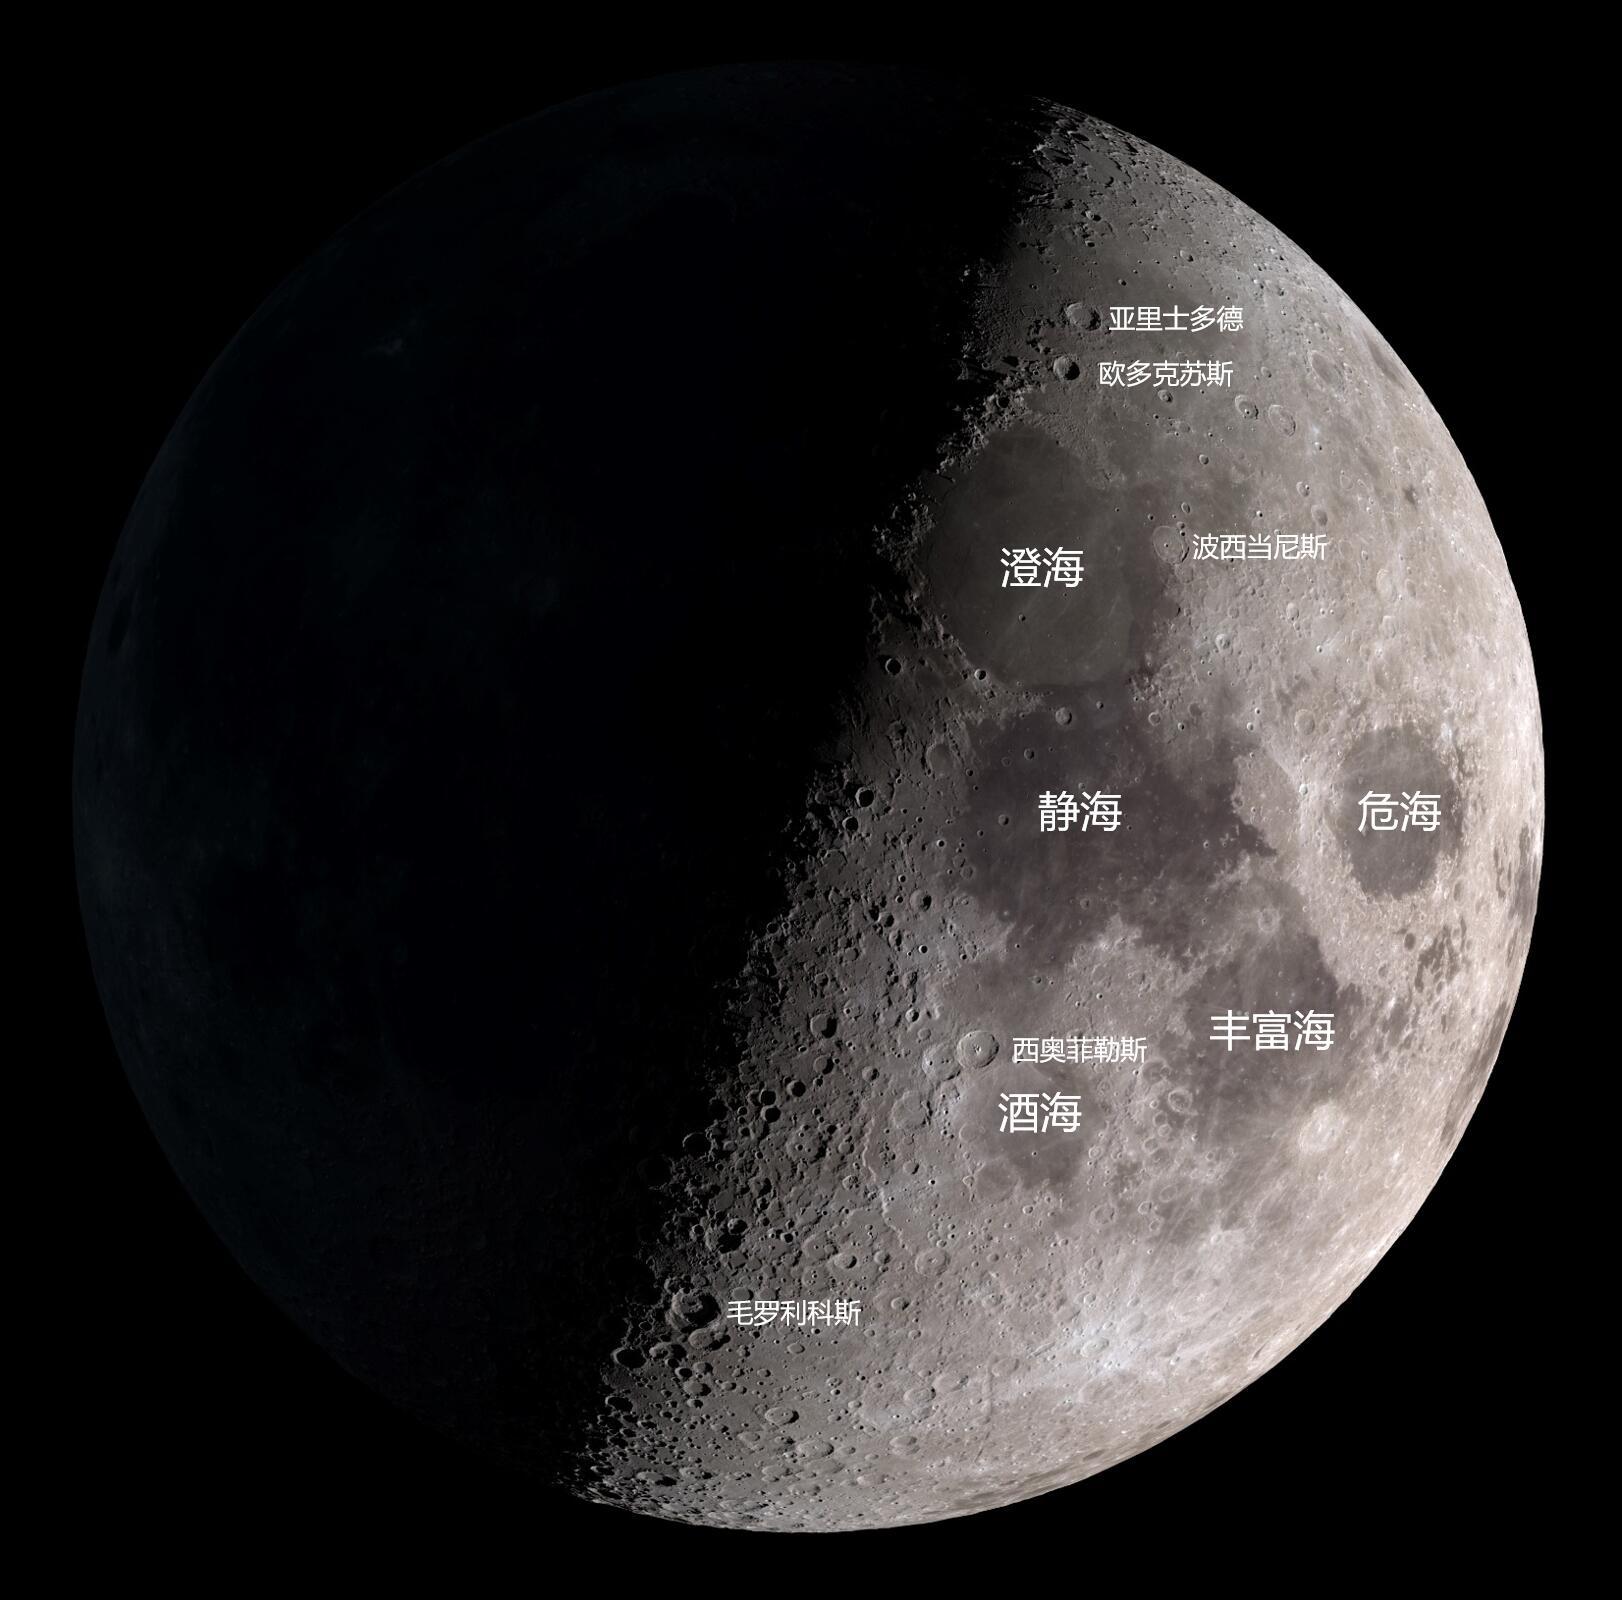 上弦月.jpg